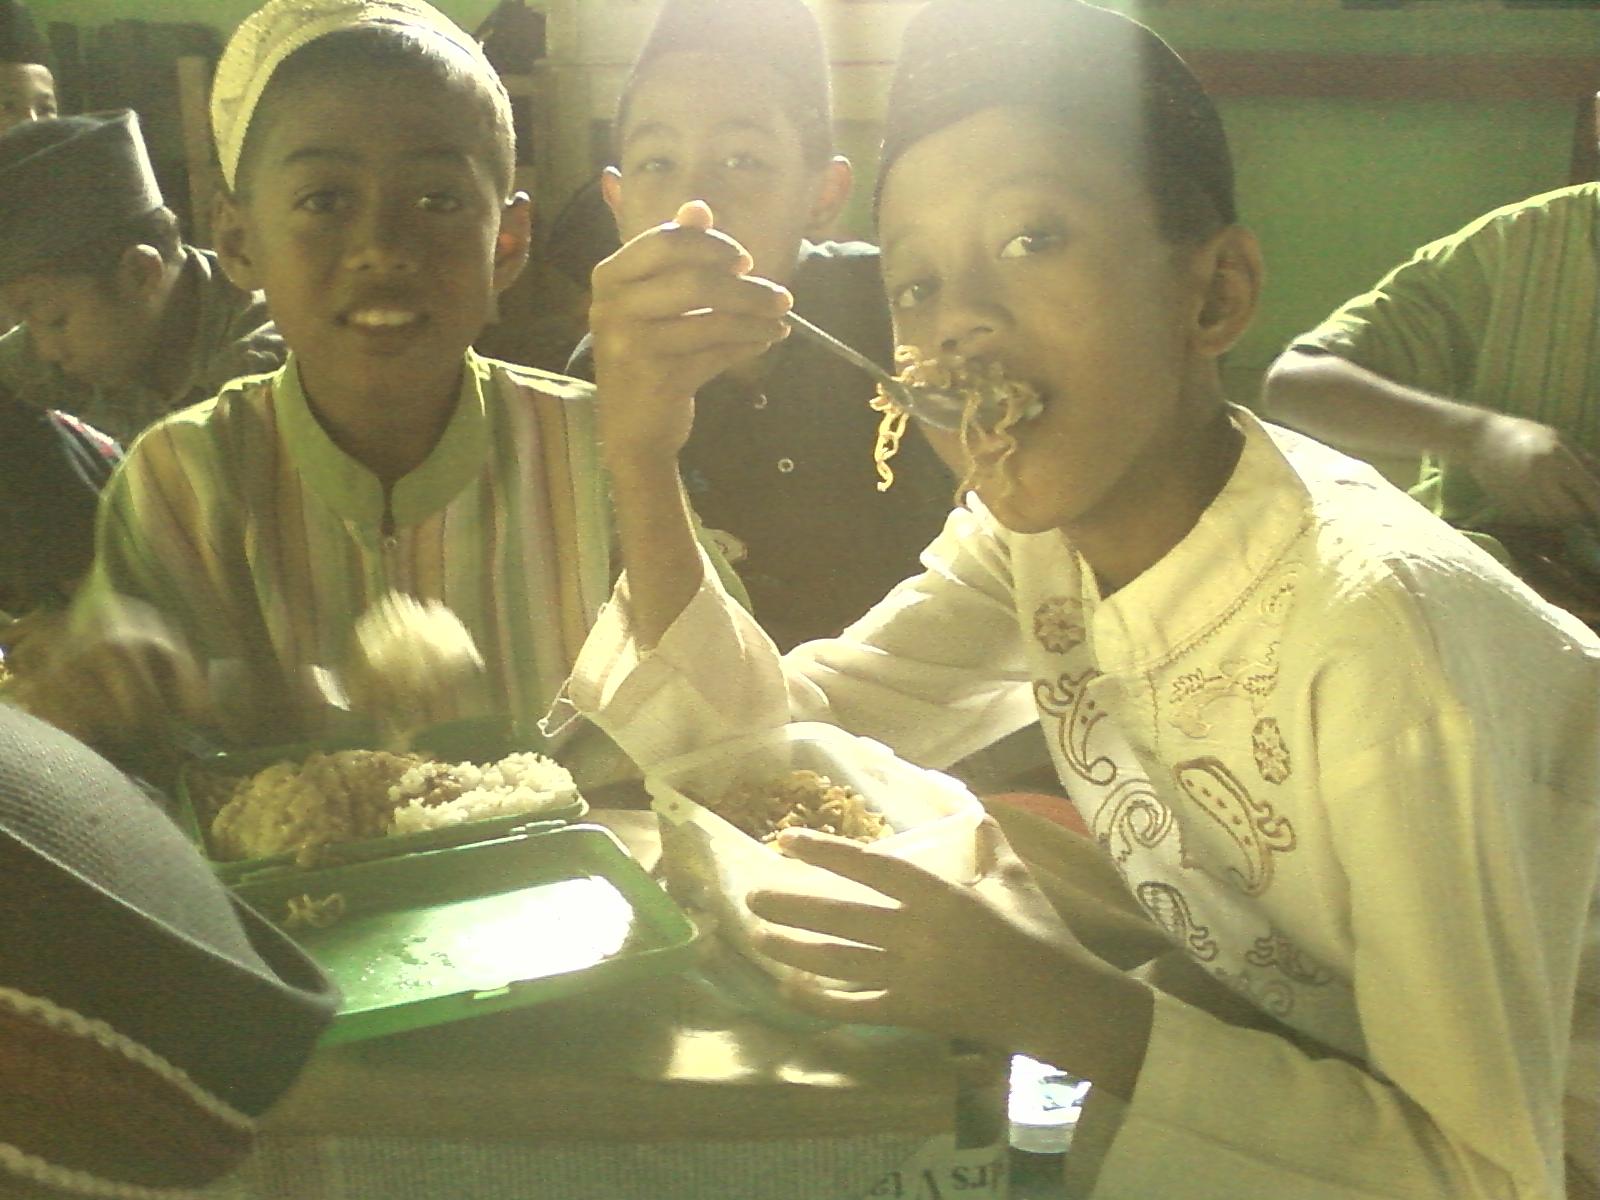 Cerpen Bahasa Jawa Pendidikan Cerkak Bahasa Jawa Abu Bakar Peringatan Maulid Nabi Muhammad Saw Remaja Masjid Abu